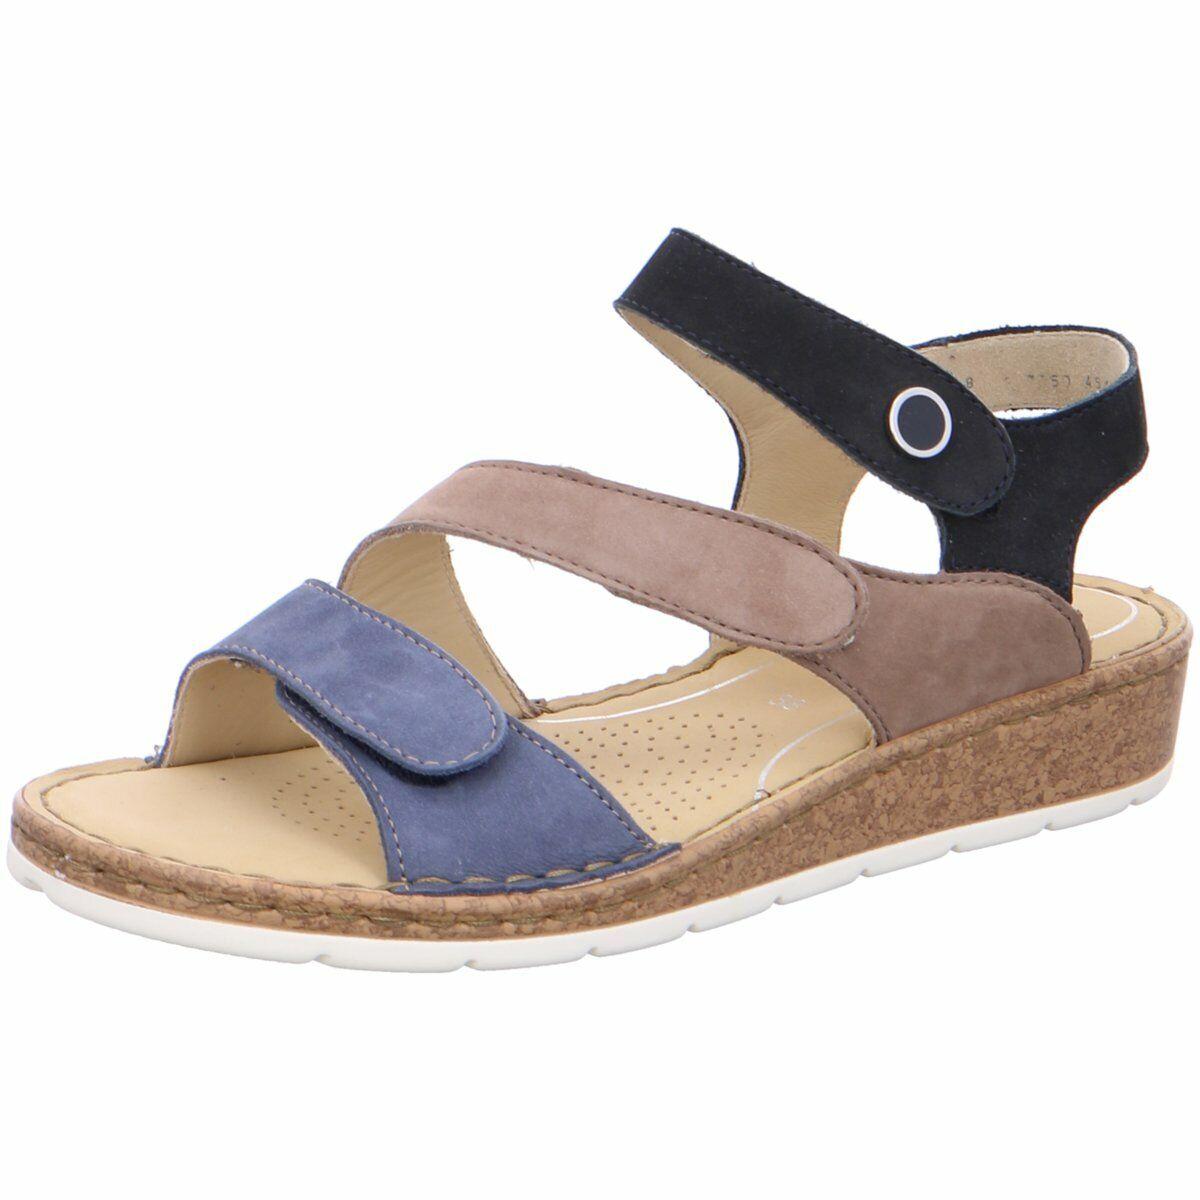 Ara Damen Sandaletten Positano Hi Soft 12-16117-05 blau 620660